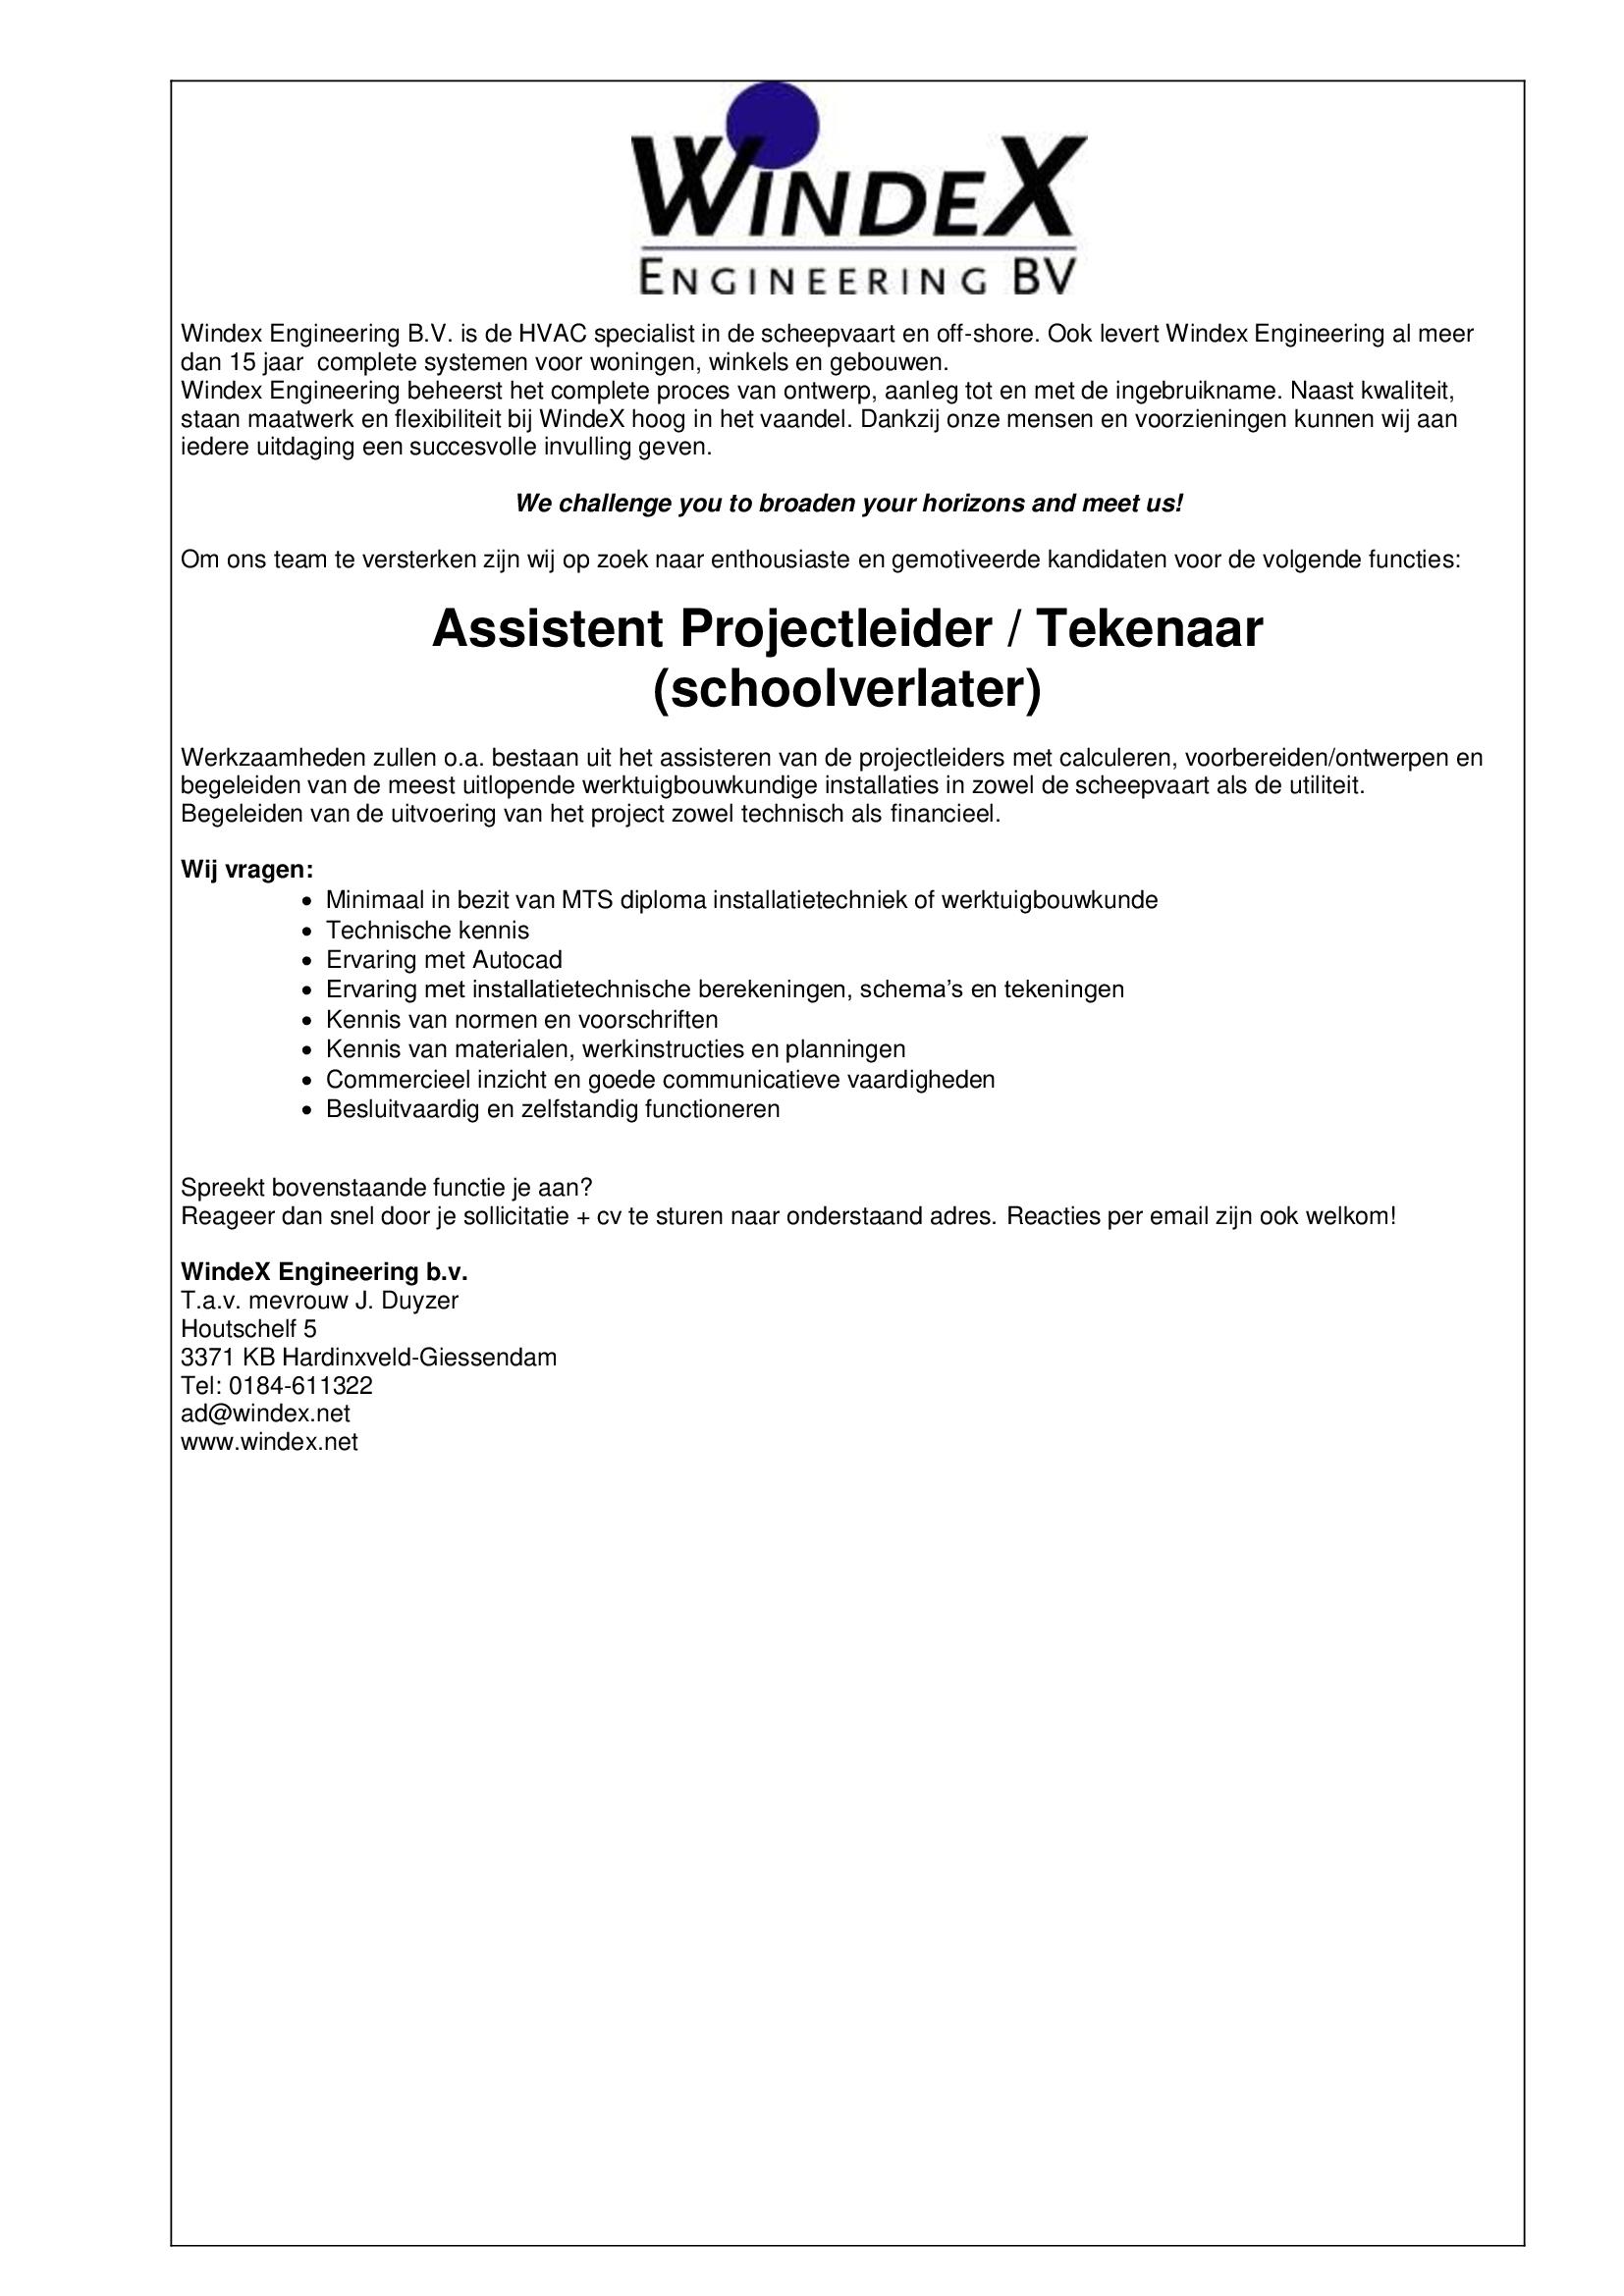 personeelsadvertentie-projectleider-oktober-2020-2